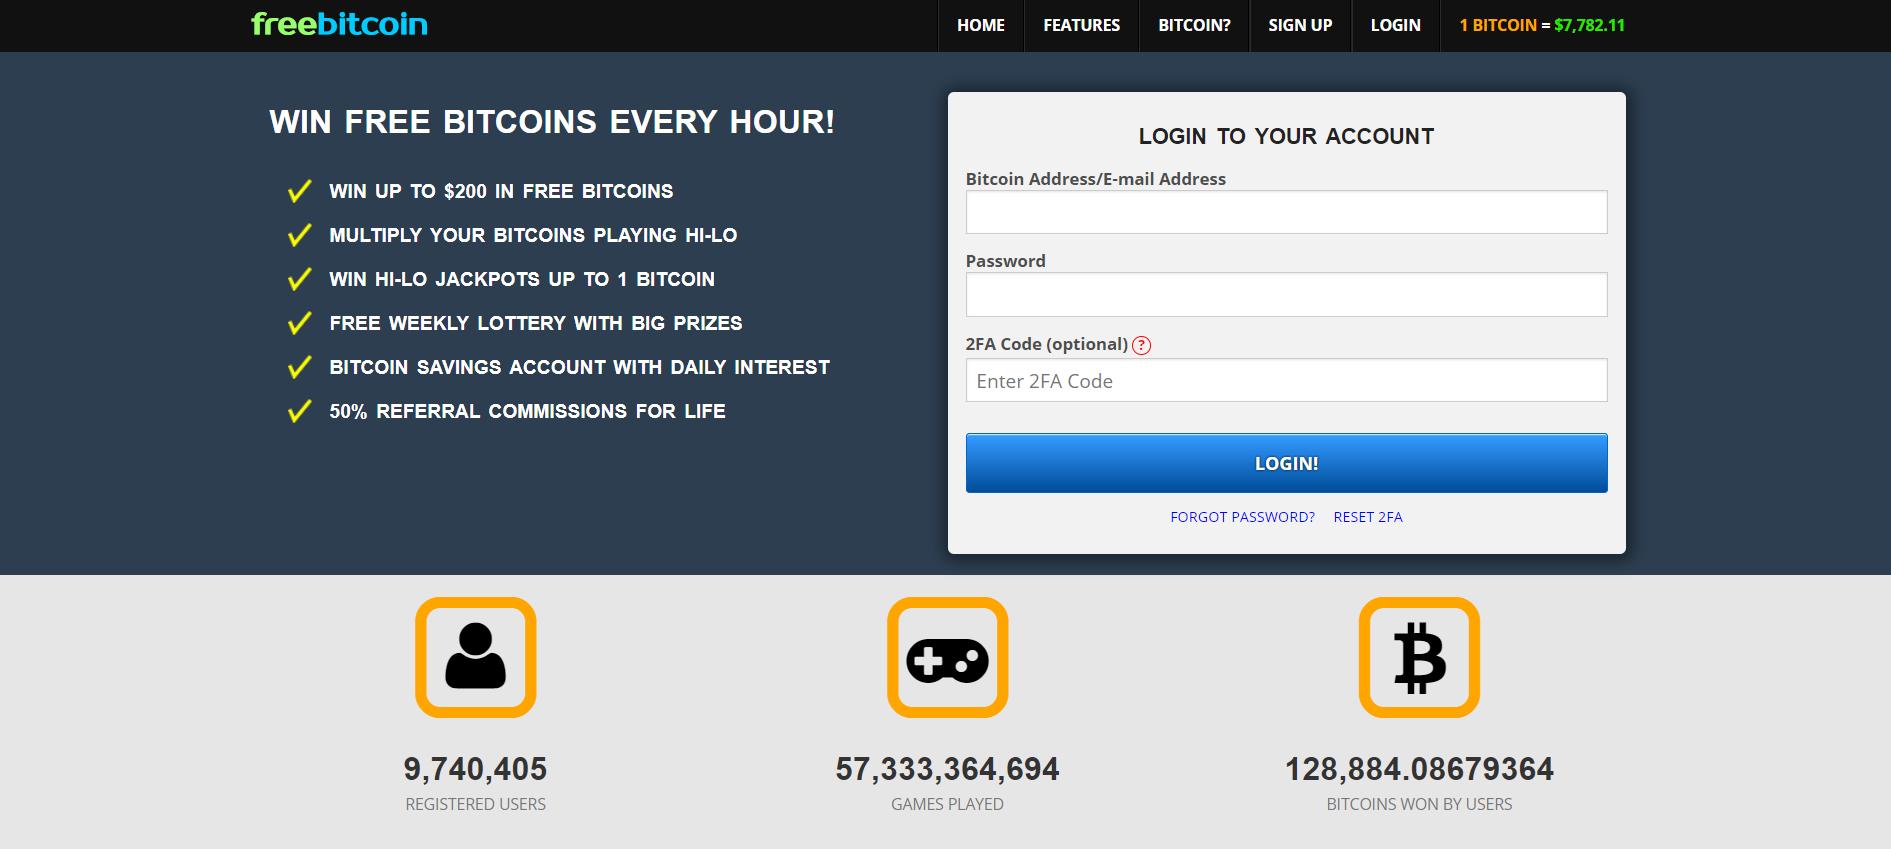 hogyan lehet a hidron bitcoinokat szerezni